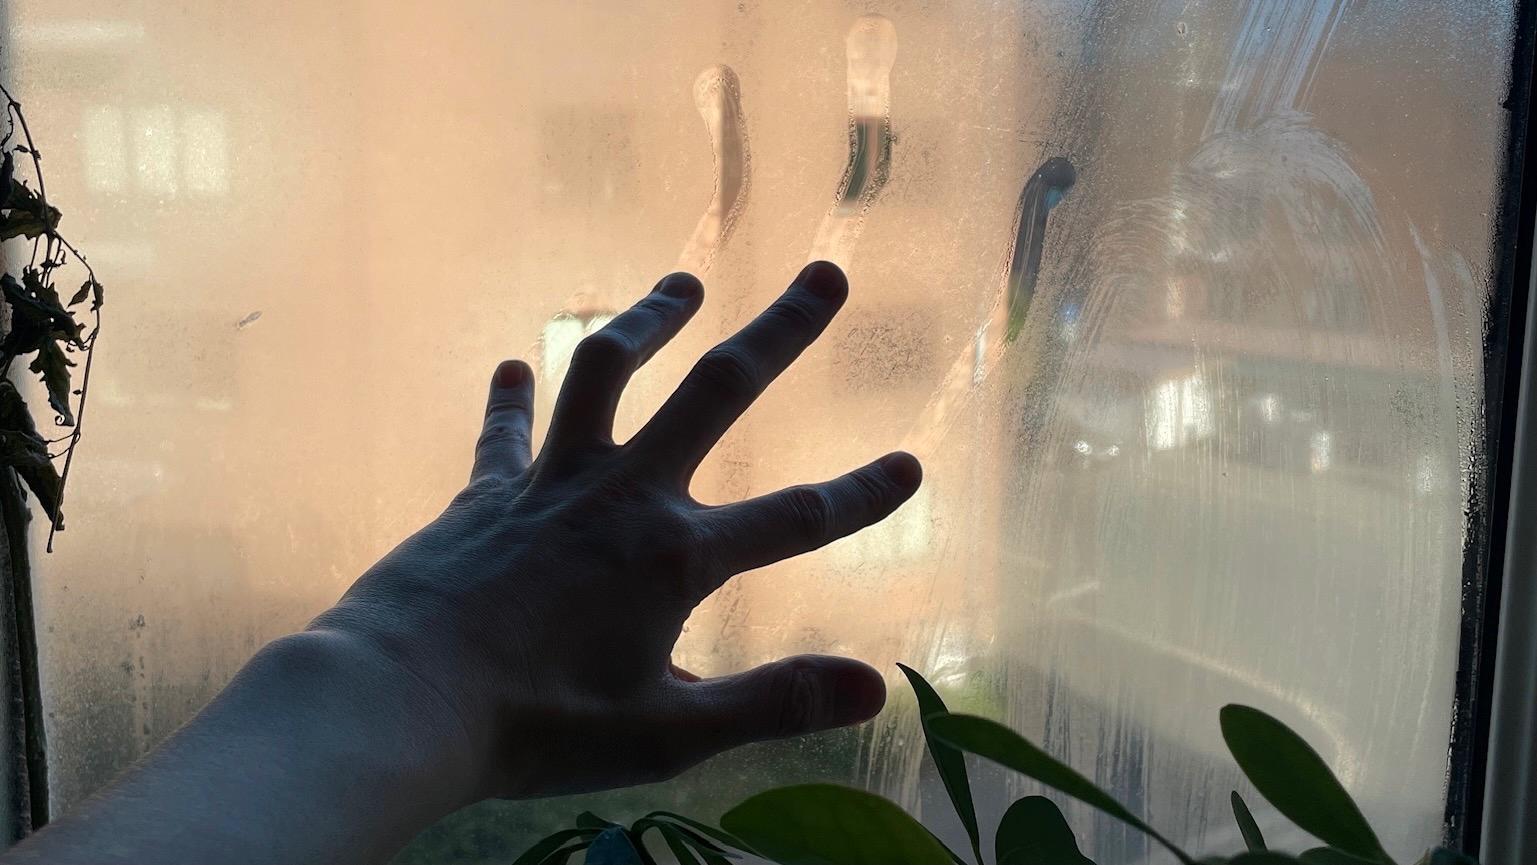 Kjøkkenet ble til zombie-Titanic i løpet av testperioden etter ørten liten vann som måtte kokes opp.